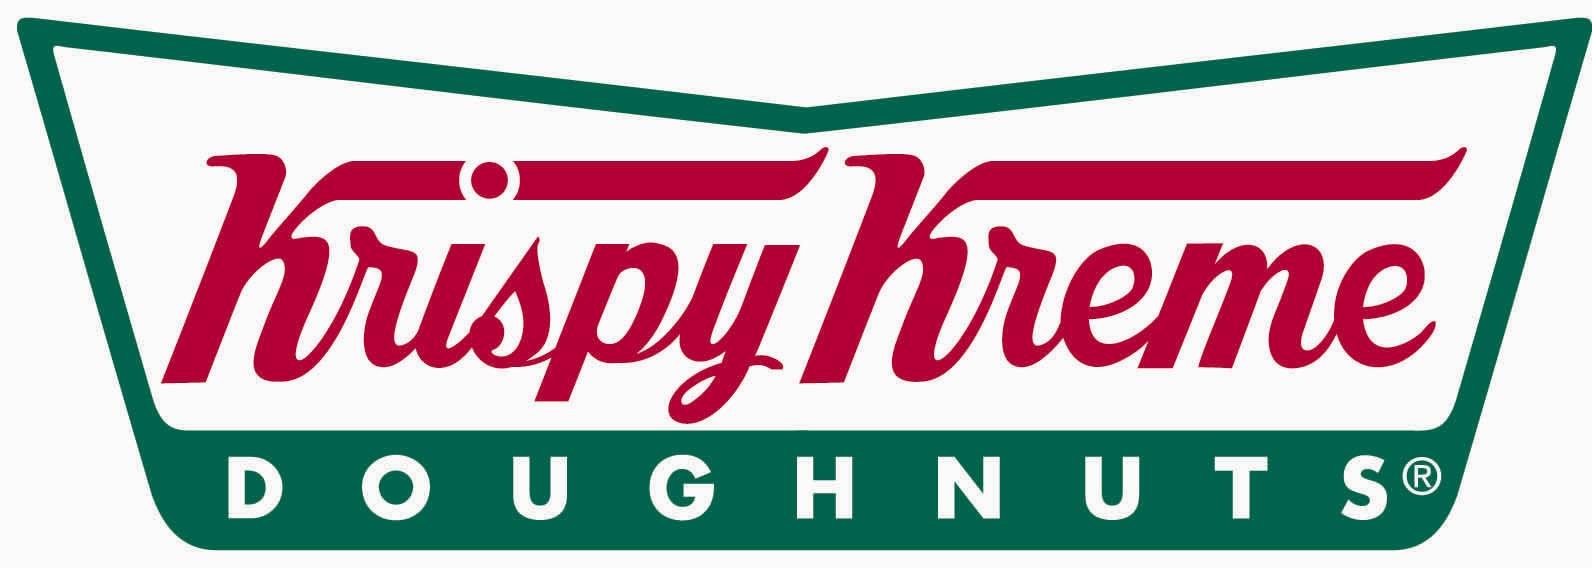 krispy-kreme-logo.jpg?w=702&h=250.jpeg